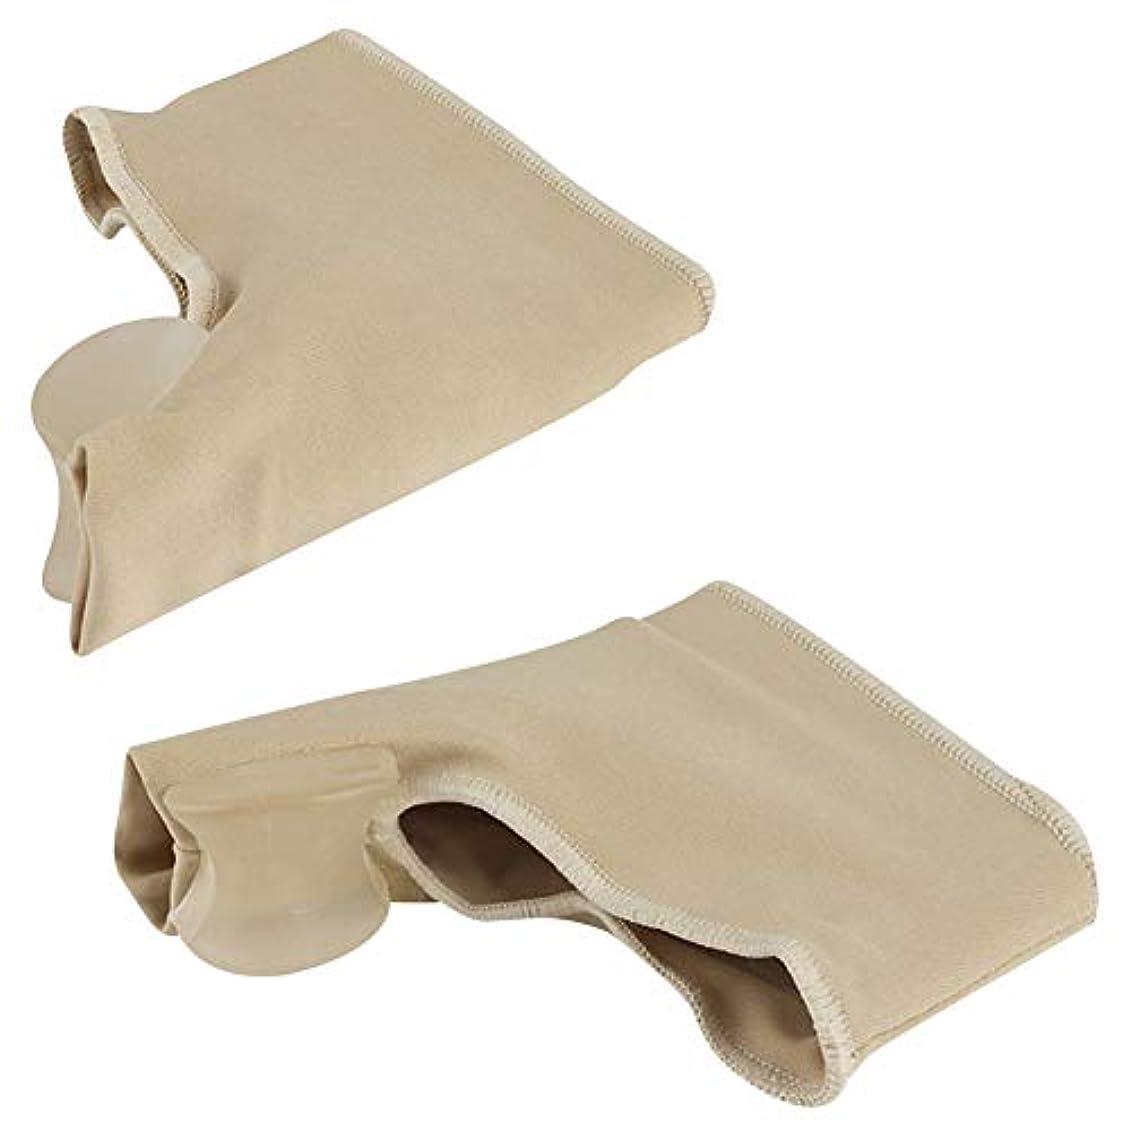 バンカー弾丸横にOUYOU 足指サポーター 足指を広げる 外反母趾 足指矯正パッド 血行促進 シリコン (M)